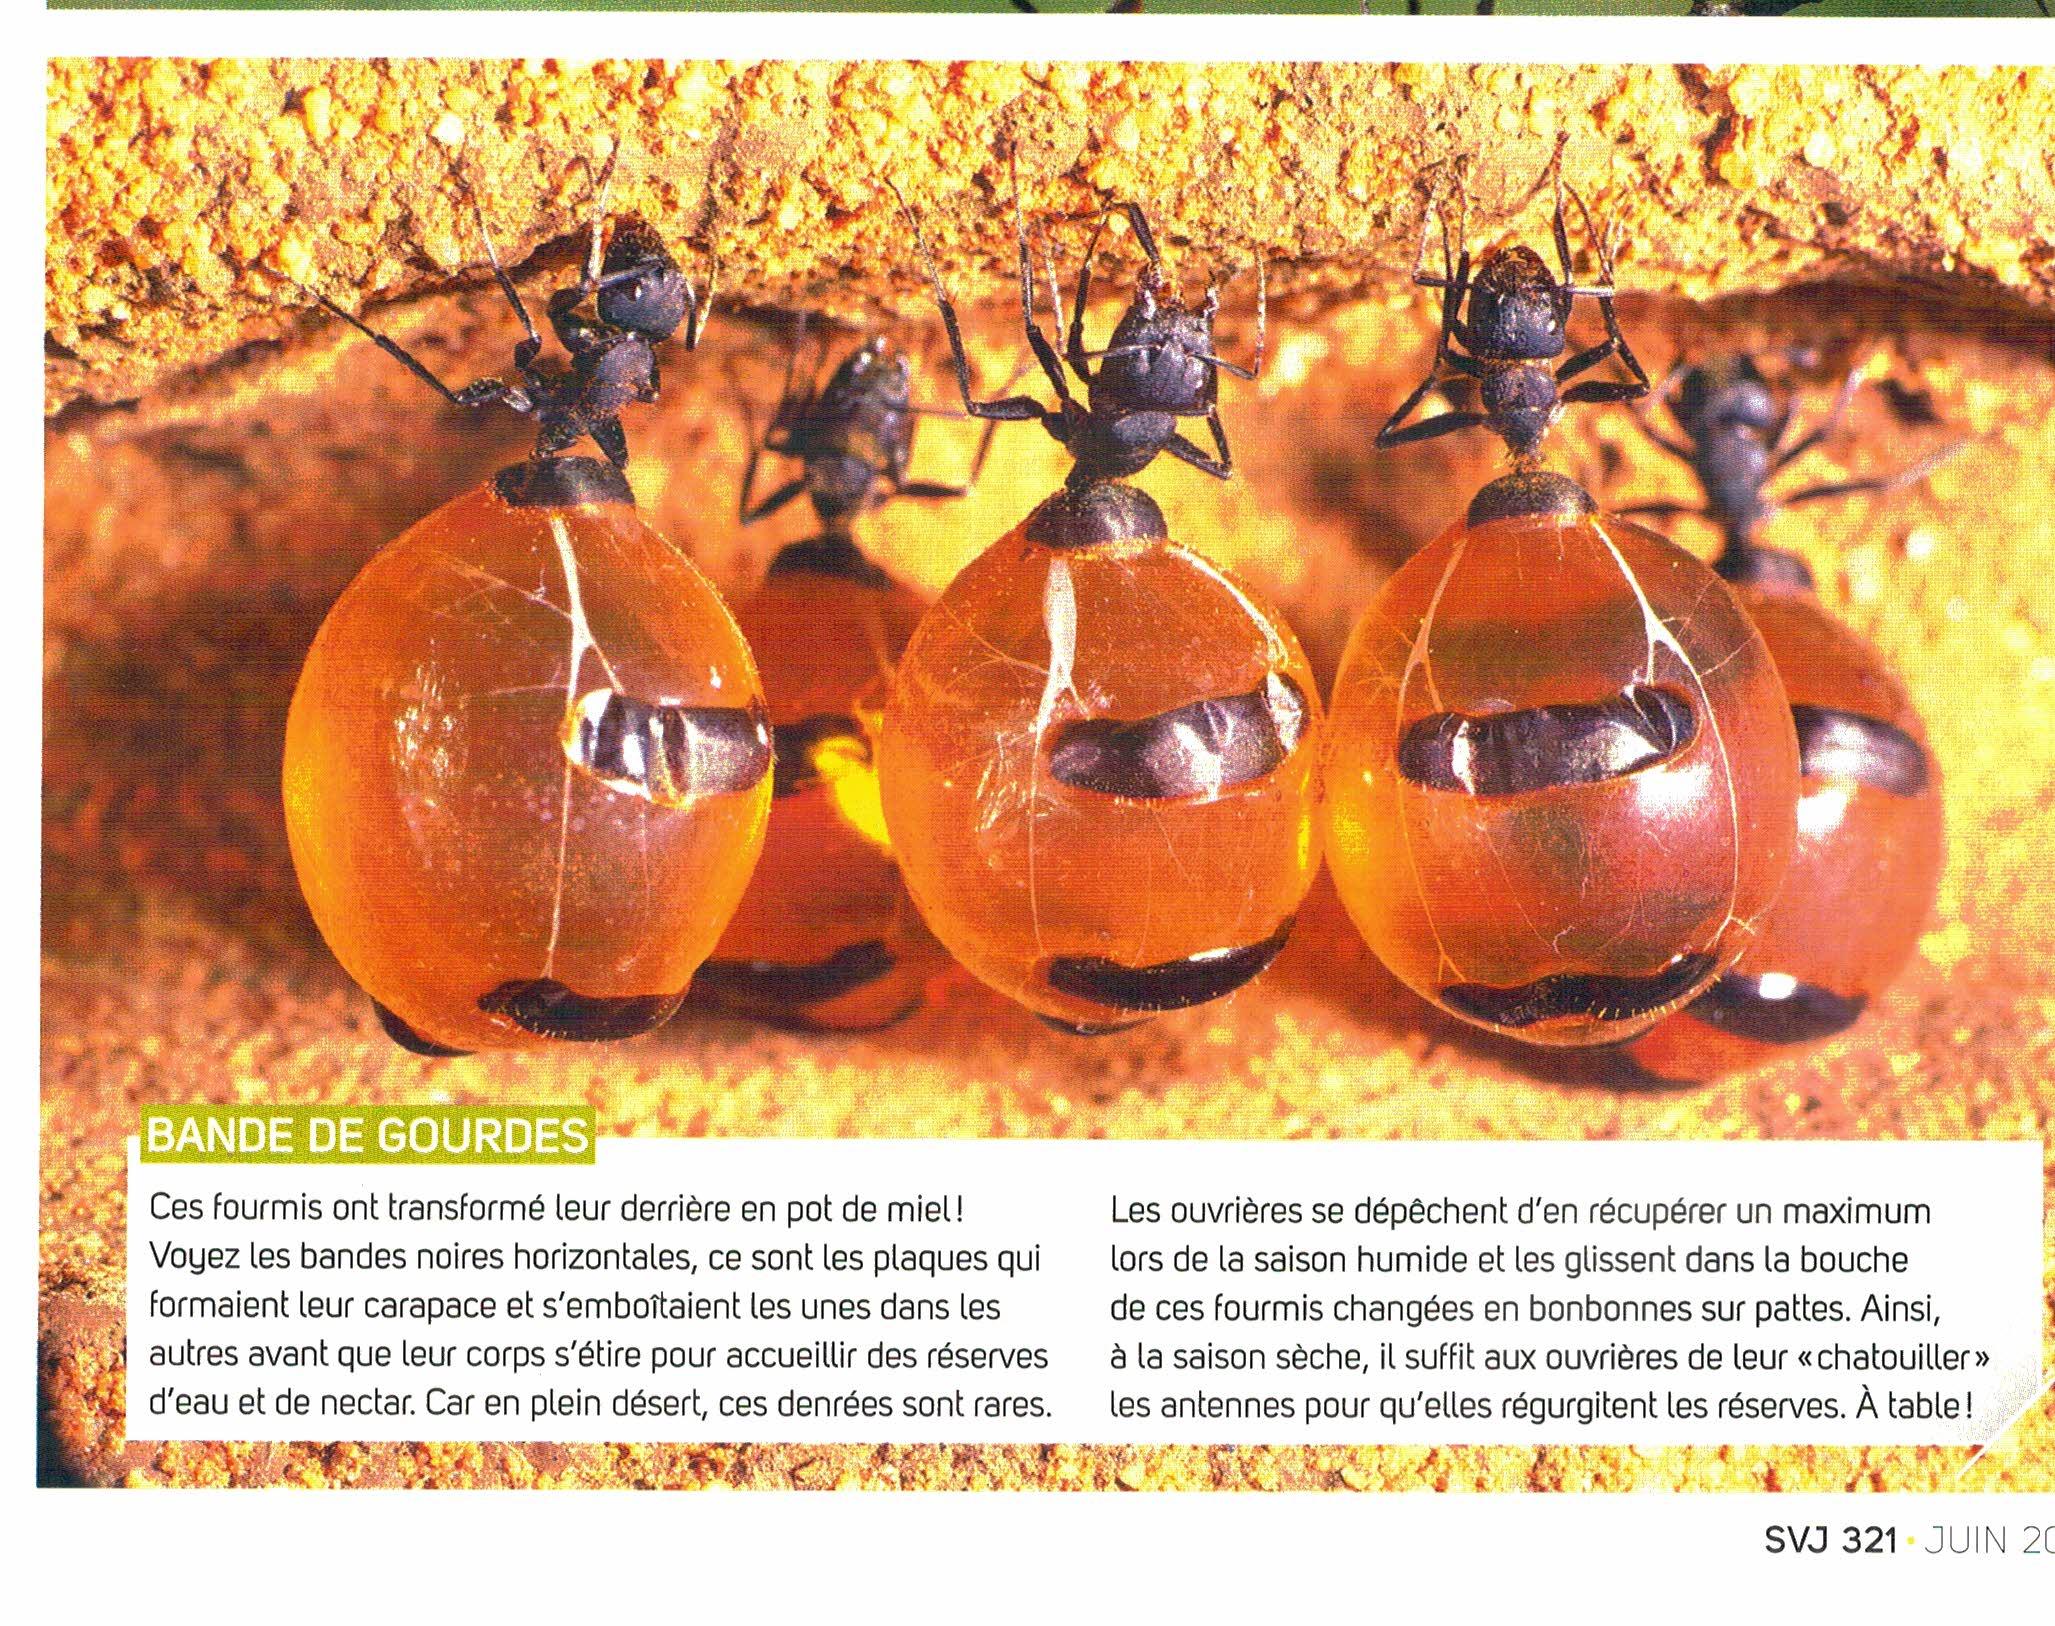 blague 3 fourmis dans le desert